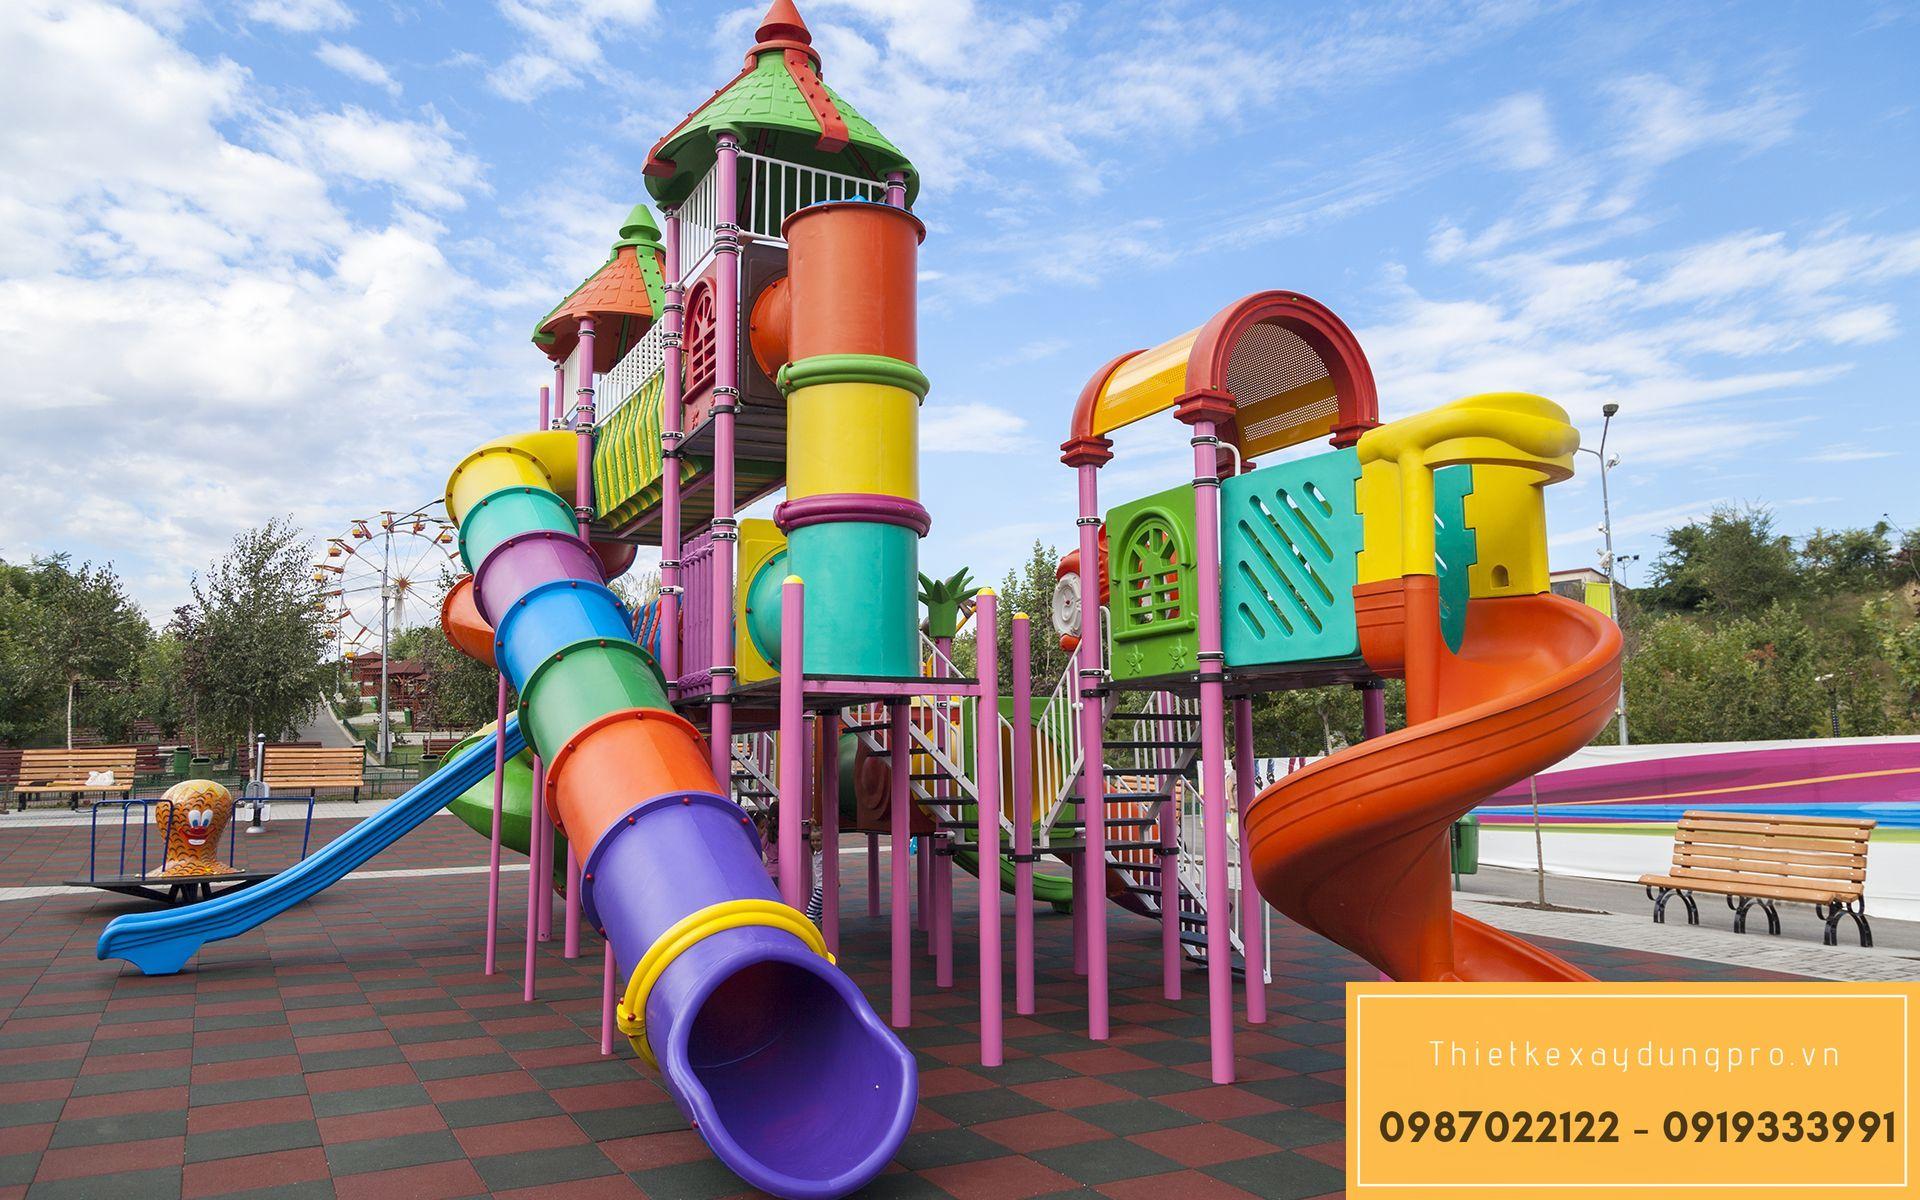 Thiết kế khu vui chơi trẻ em tại Thái Nguyên